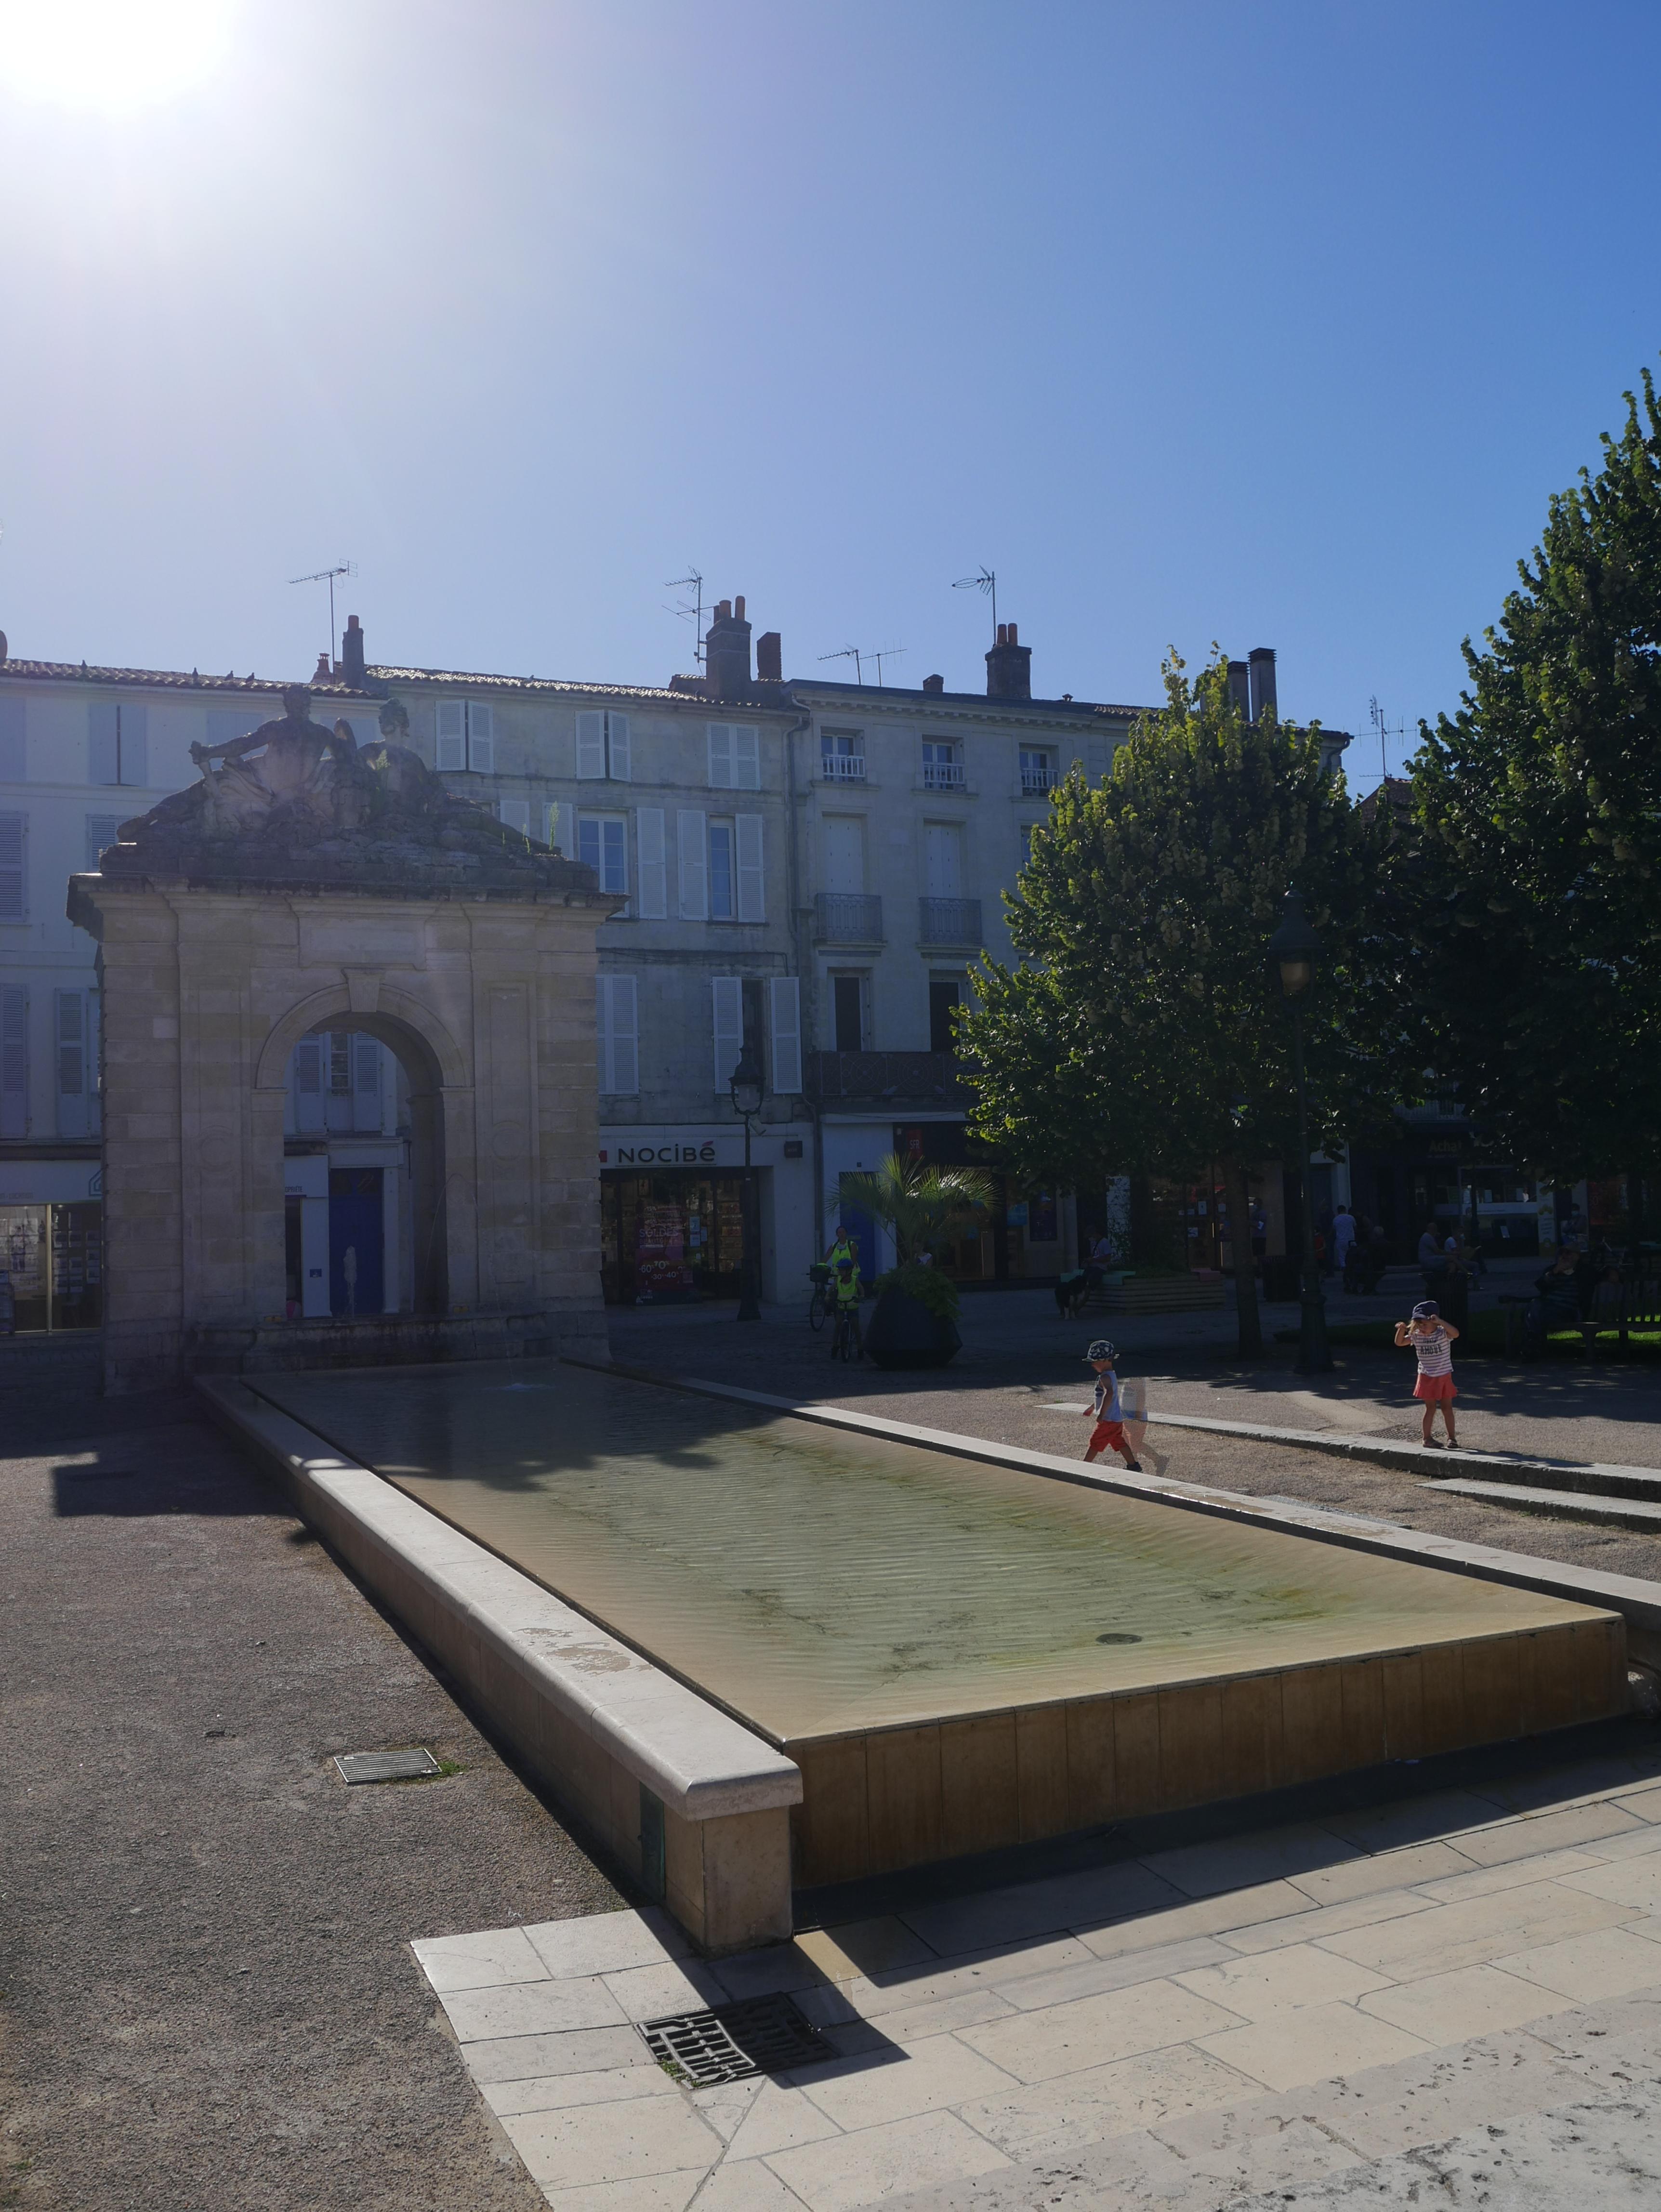 La fontaine de la Place Colbert